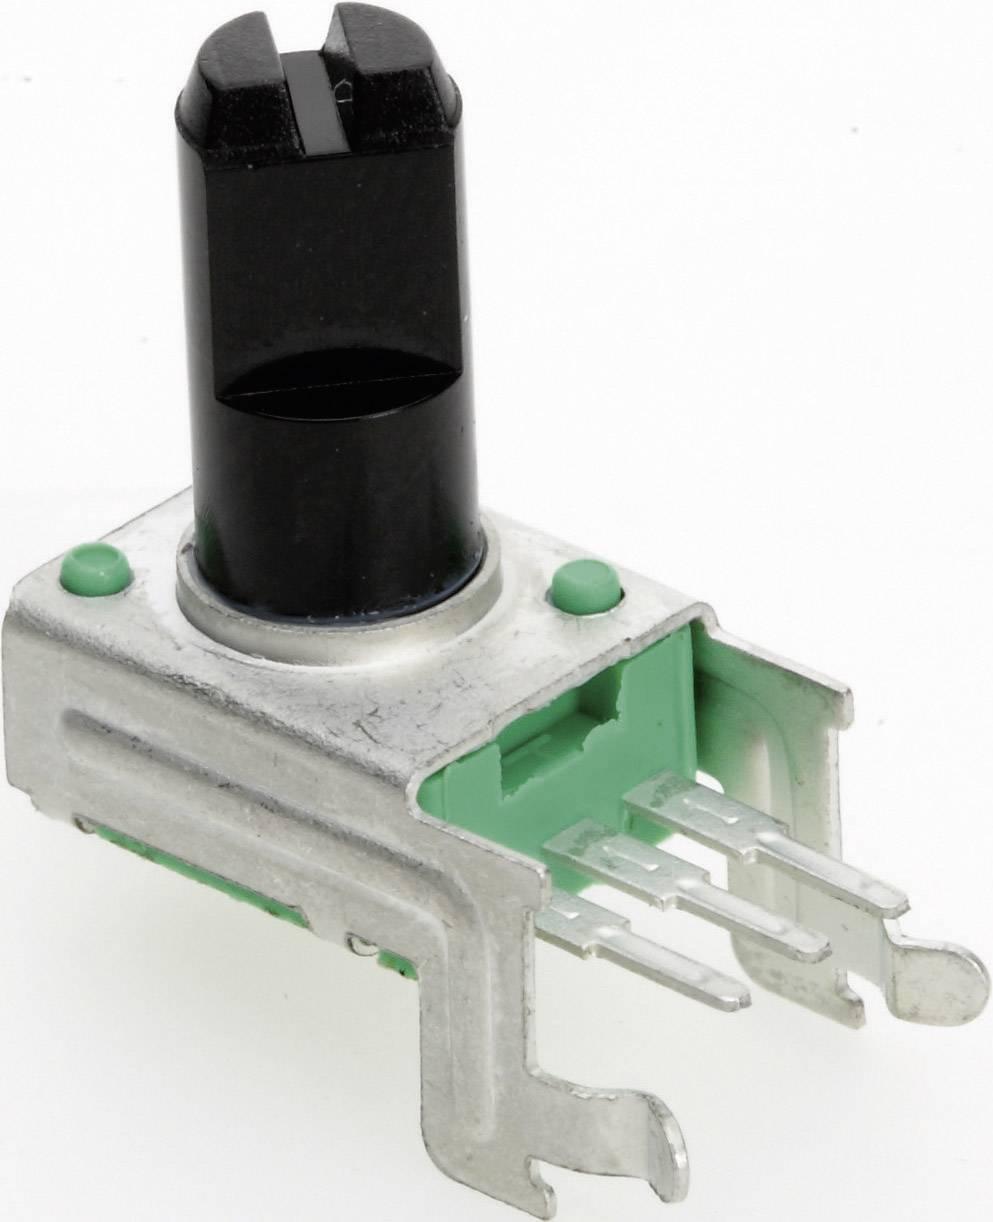 Vodivý plastový potenciometer mono TT Electronics AB P090L-02F20 B-100 KR 4112905315, 100 kOhm, 1 ks